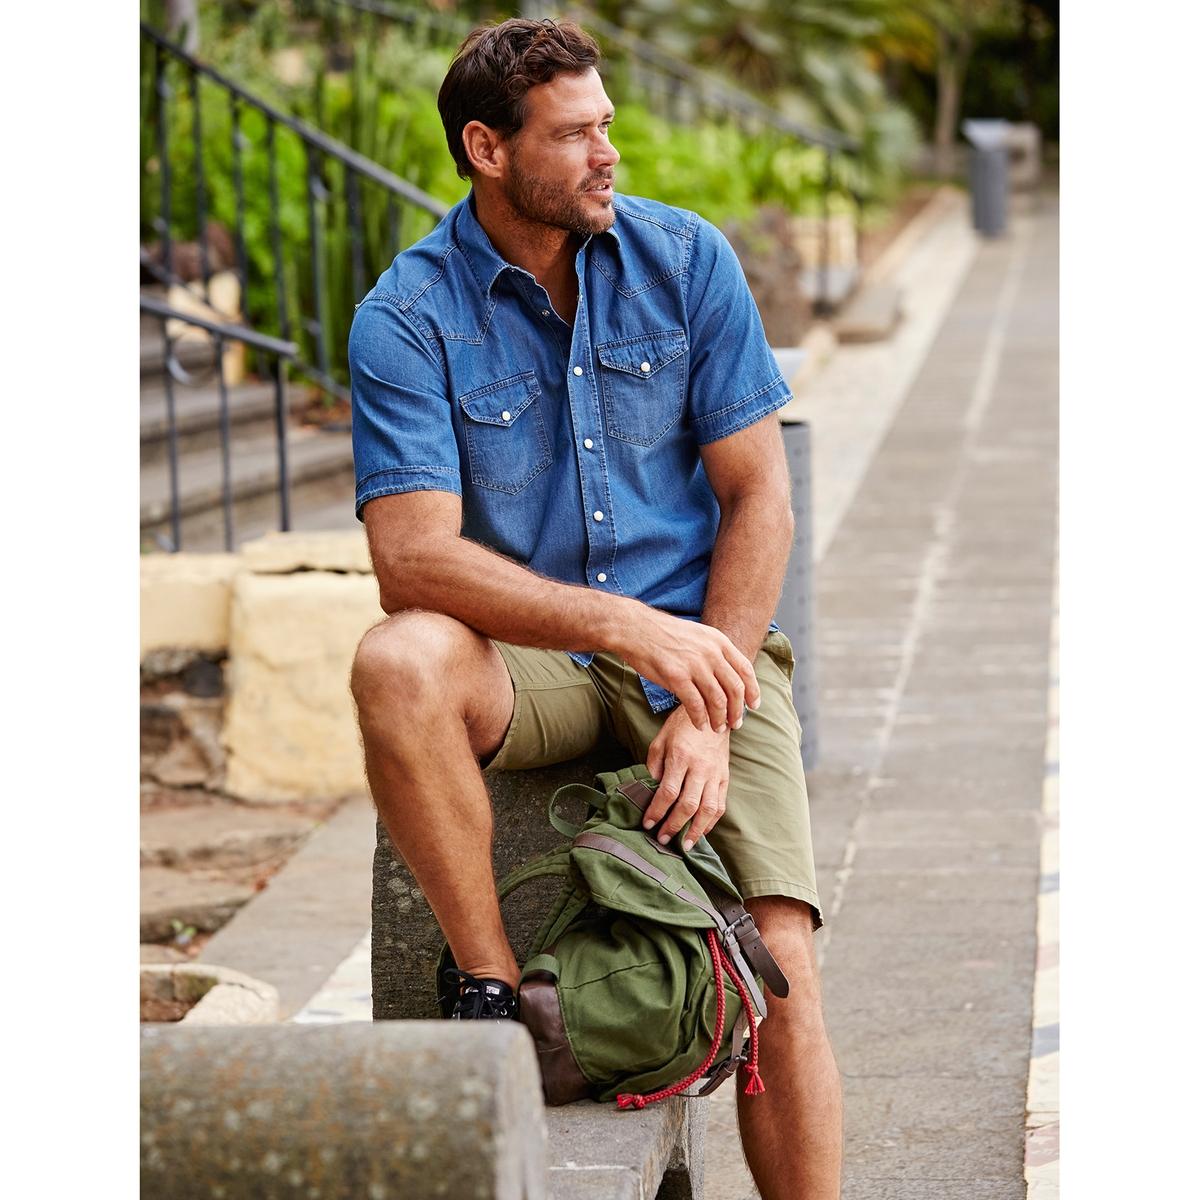 Рубашка джинсовая, 100% хлопокРубашка джинсовая с короткими рукавами JP1880, стильный вытертый эффект и невероятный комфорт . Воротник Kent casual, 2 кармана с клапанами на кнопках-пуговицах, короткие рукава с отворотами. 100% хлопок. Немного приталенный покрой, позволяющий носить ее также поверх брюк. Длина в зависимости от размера. 78 - 94 см<br><br>Цвет: синий джинсовый<br>Размер: XXL.XL